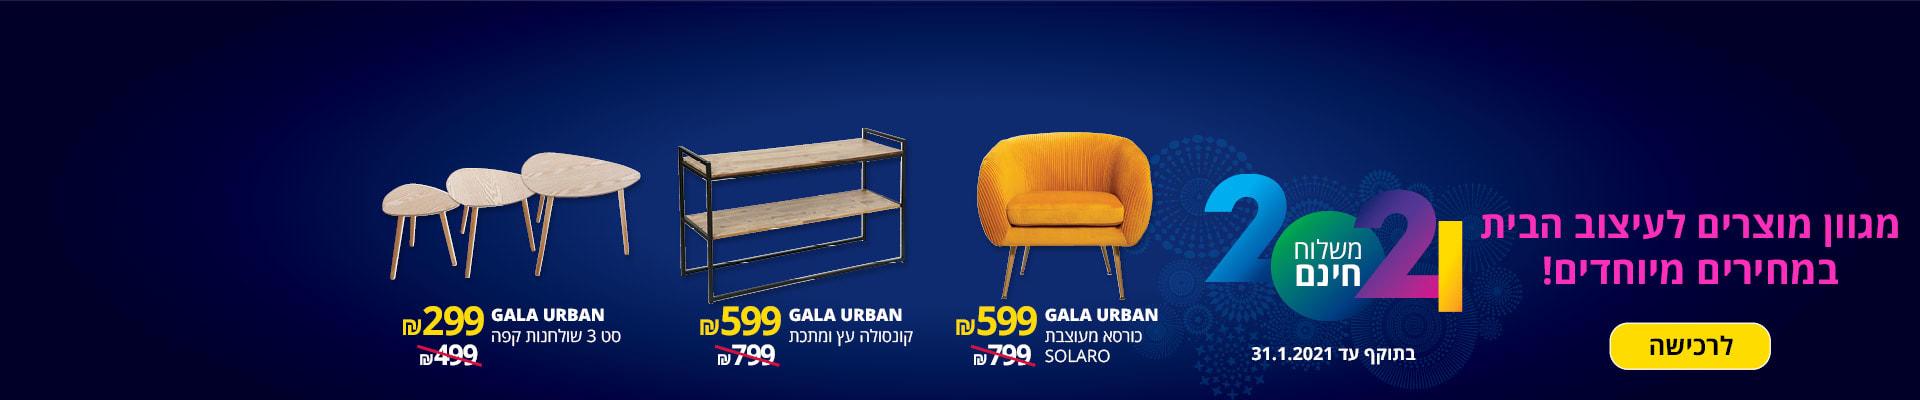 מגוון מוצרי אחסון וריהוט מעוצבים GALA URBAN במחירים מיוחדים. בתוקף: עד 29.12.2020